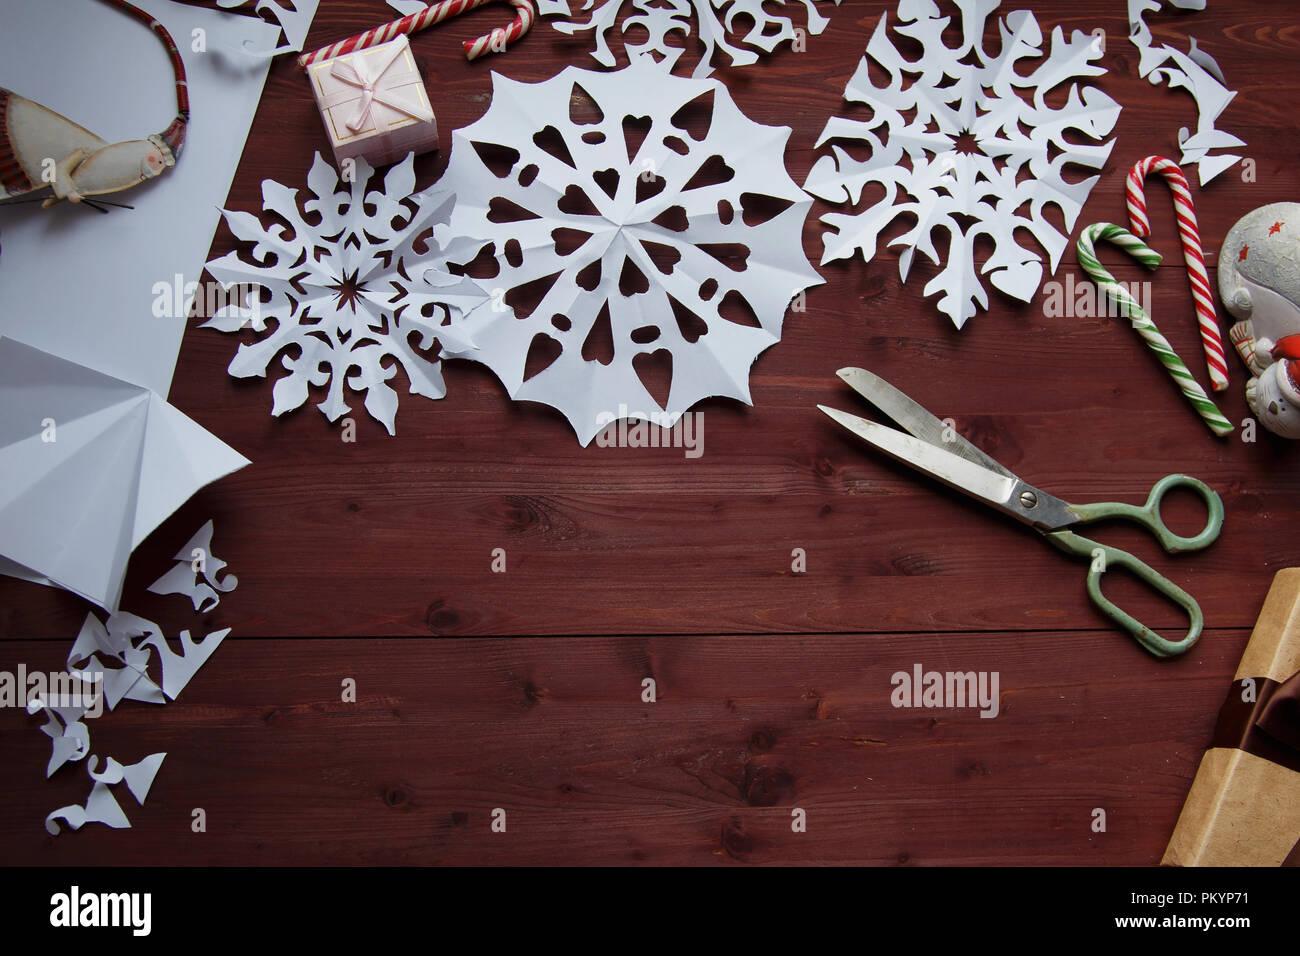 Concepto de Año Nuevo. Los copos de nieve de papel cortado, regalos, tijeras en una mesa de madera espacio de copia Imagen De Stock